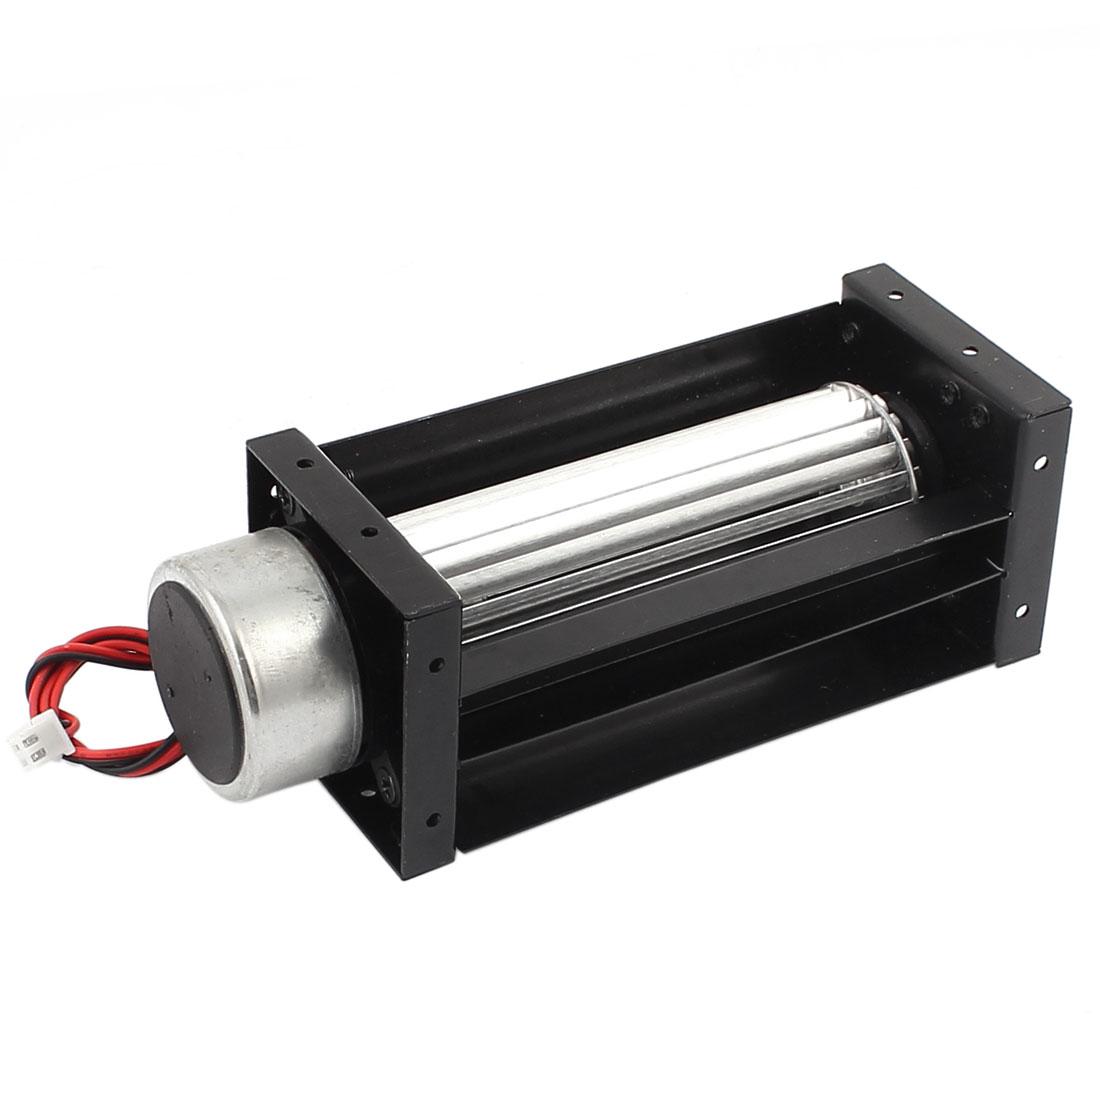 DC 24V 0.15A 3200RPM Cross Flow Cooling Fan Heat Exchanger Amplifier Cool Turbo